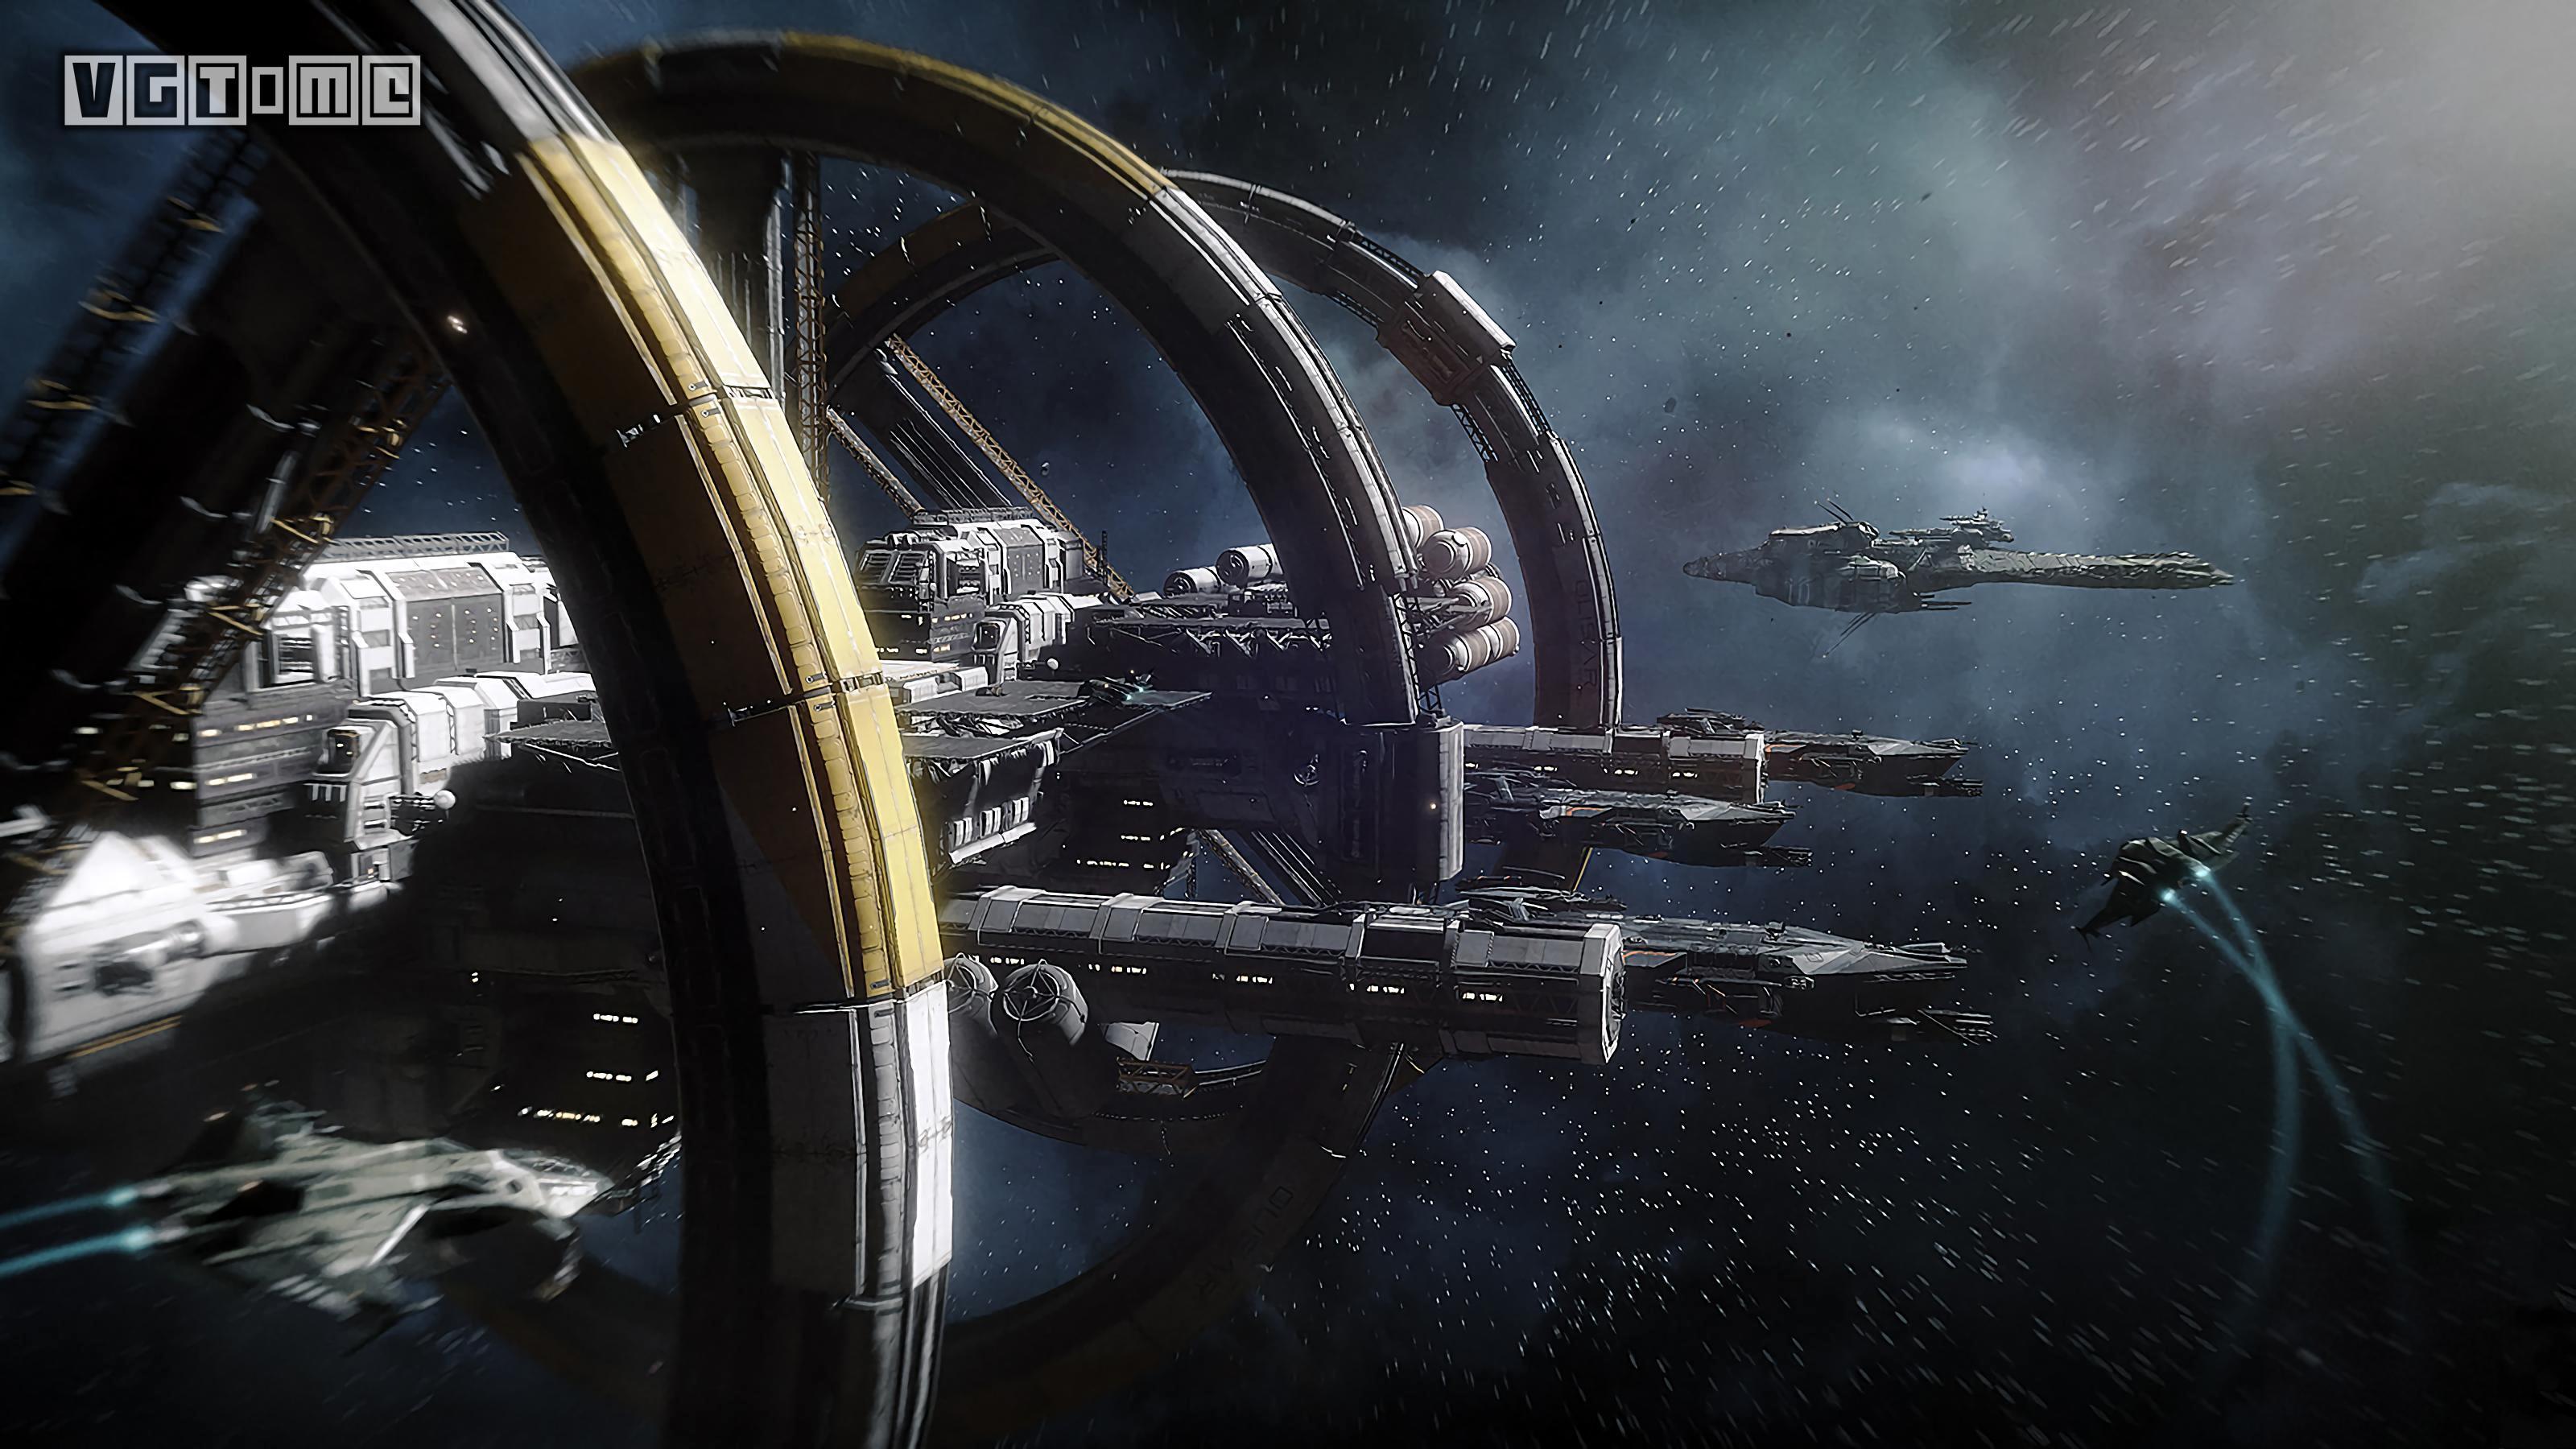 《星际公民》回应Crytek诉讼:你们这是诽谤!